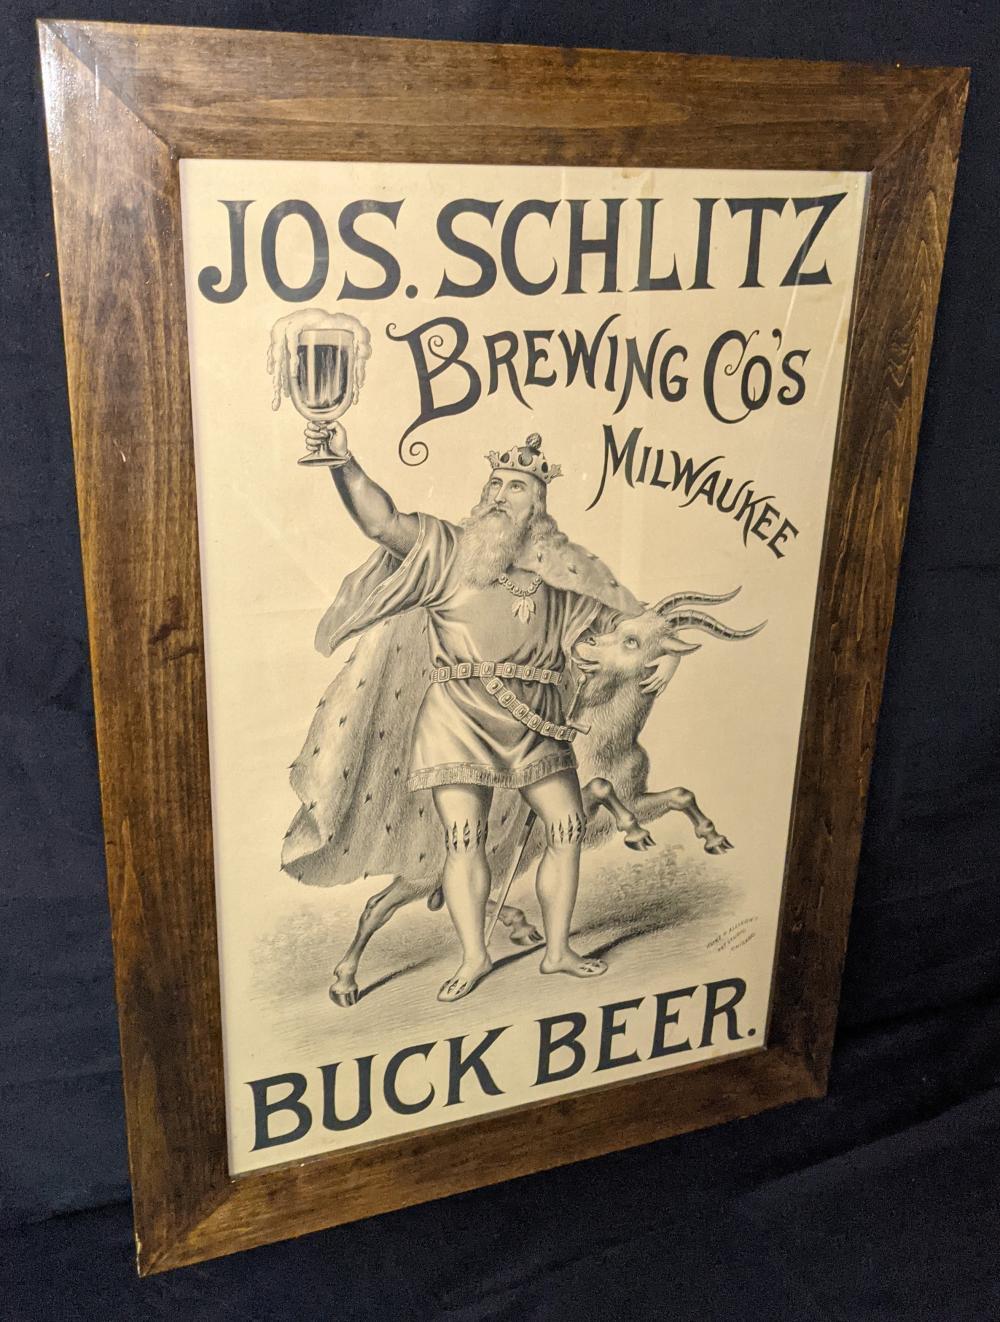 PRE PRO LITHO BEER SIGN JOS SCHLITZ BUCK BEER